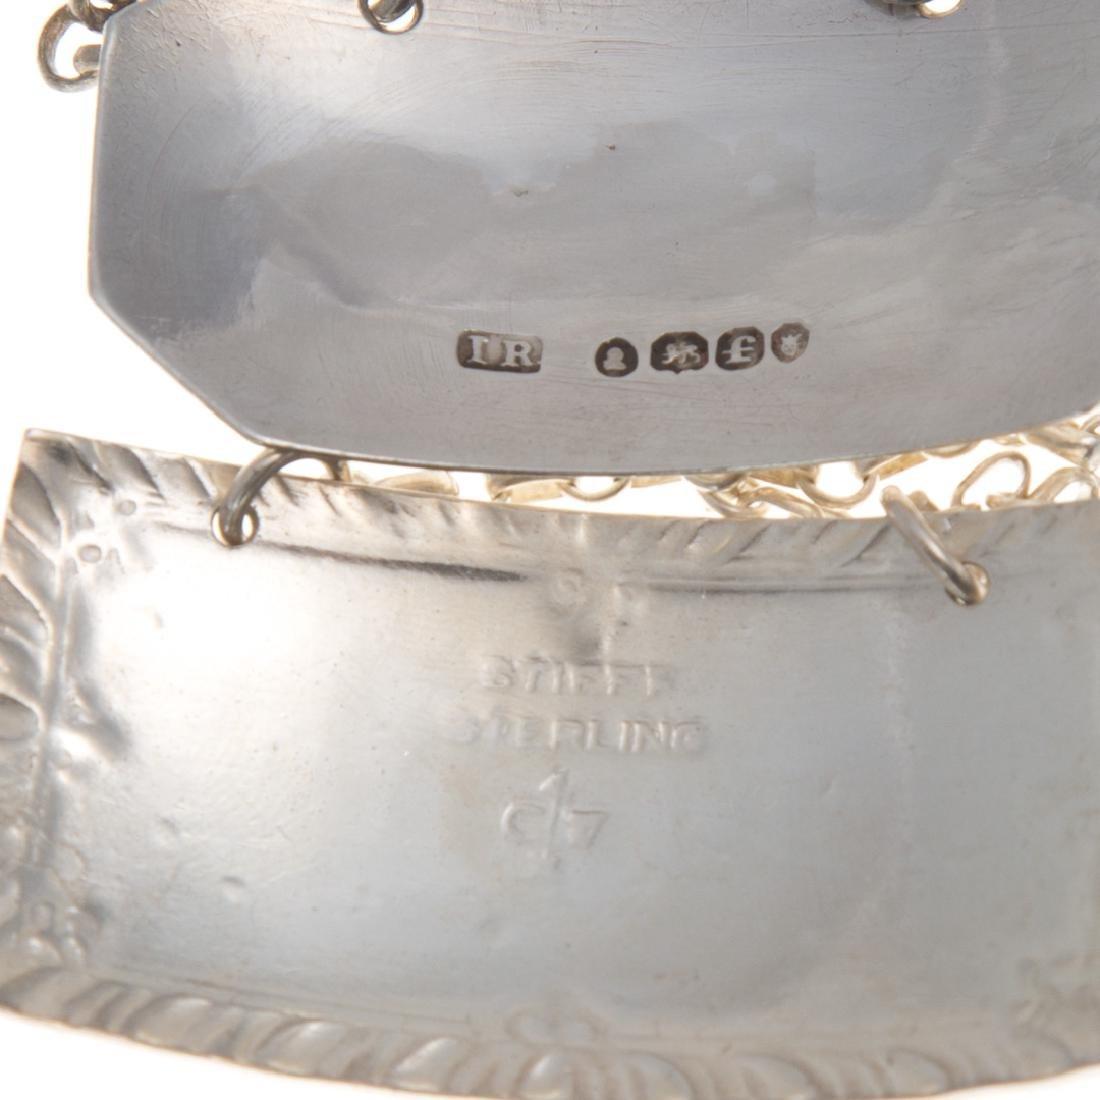 6 sterling silver liquor bottle hanging labels - 3